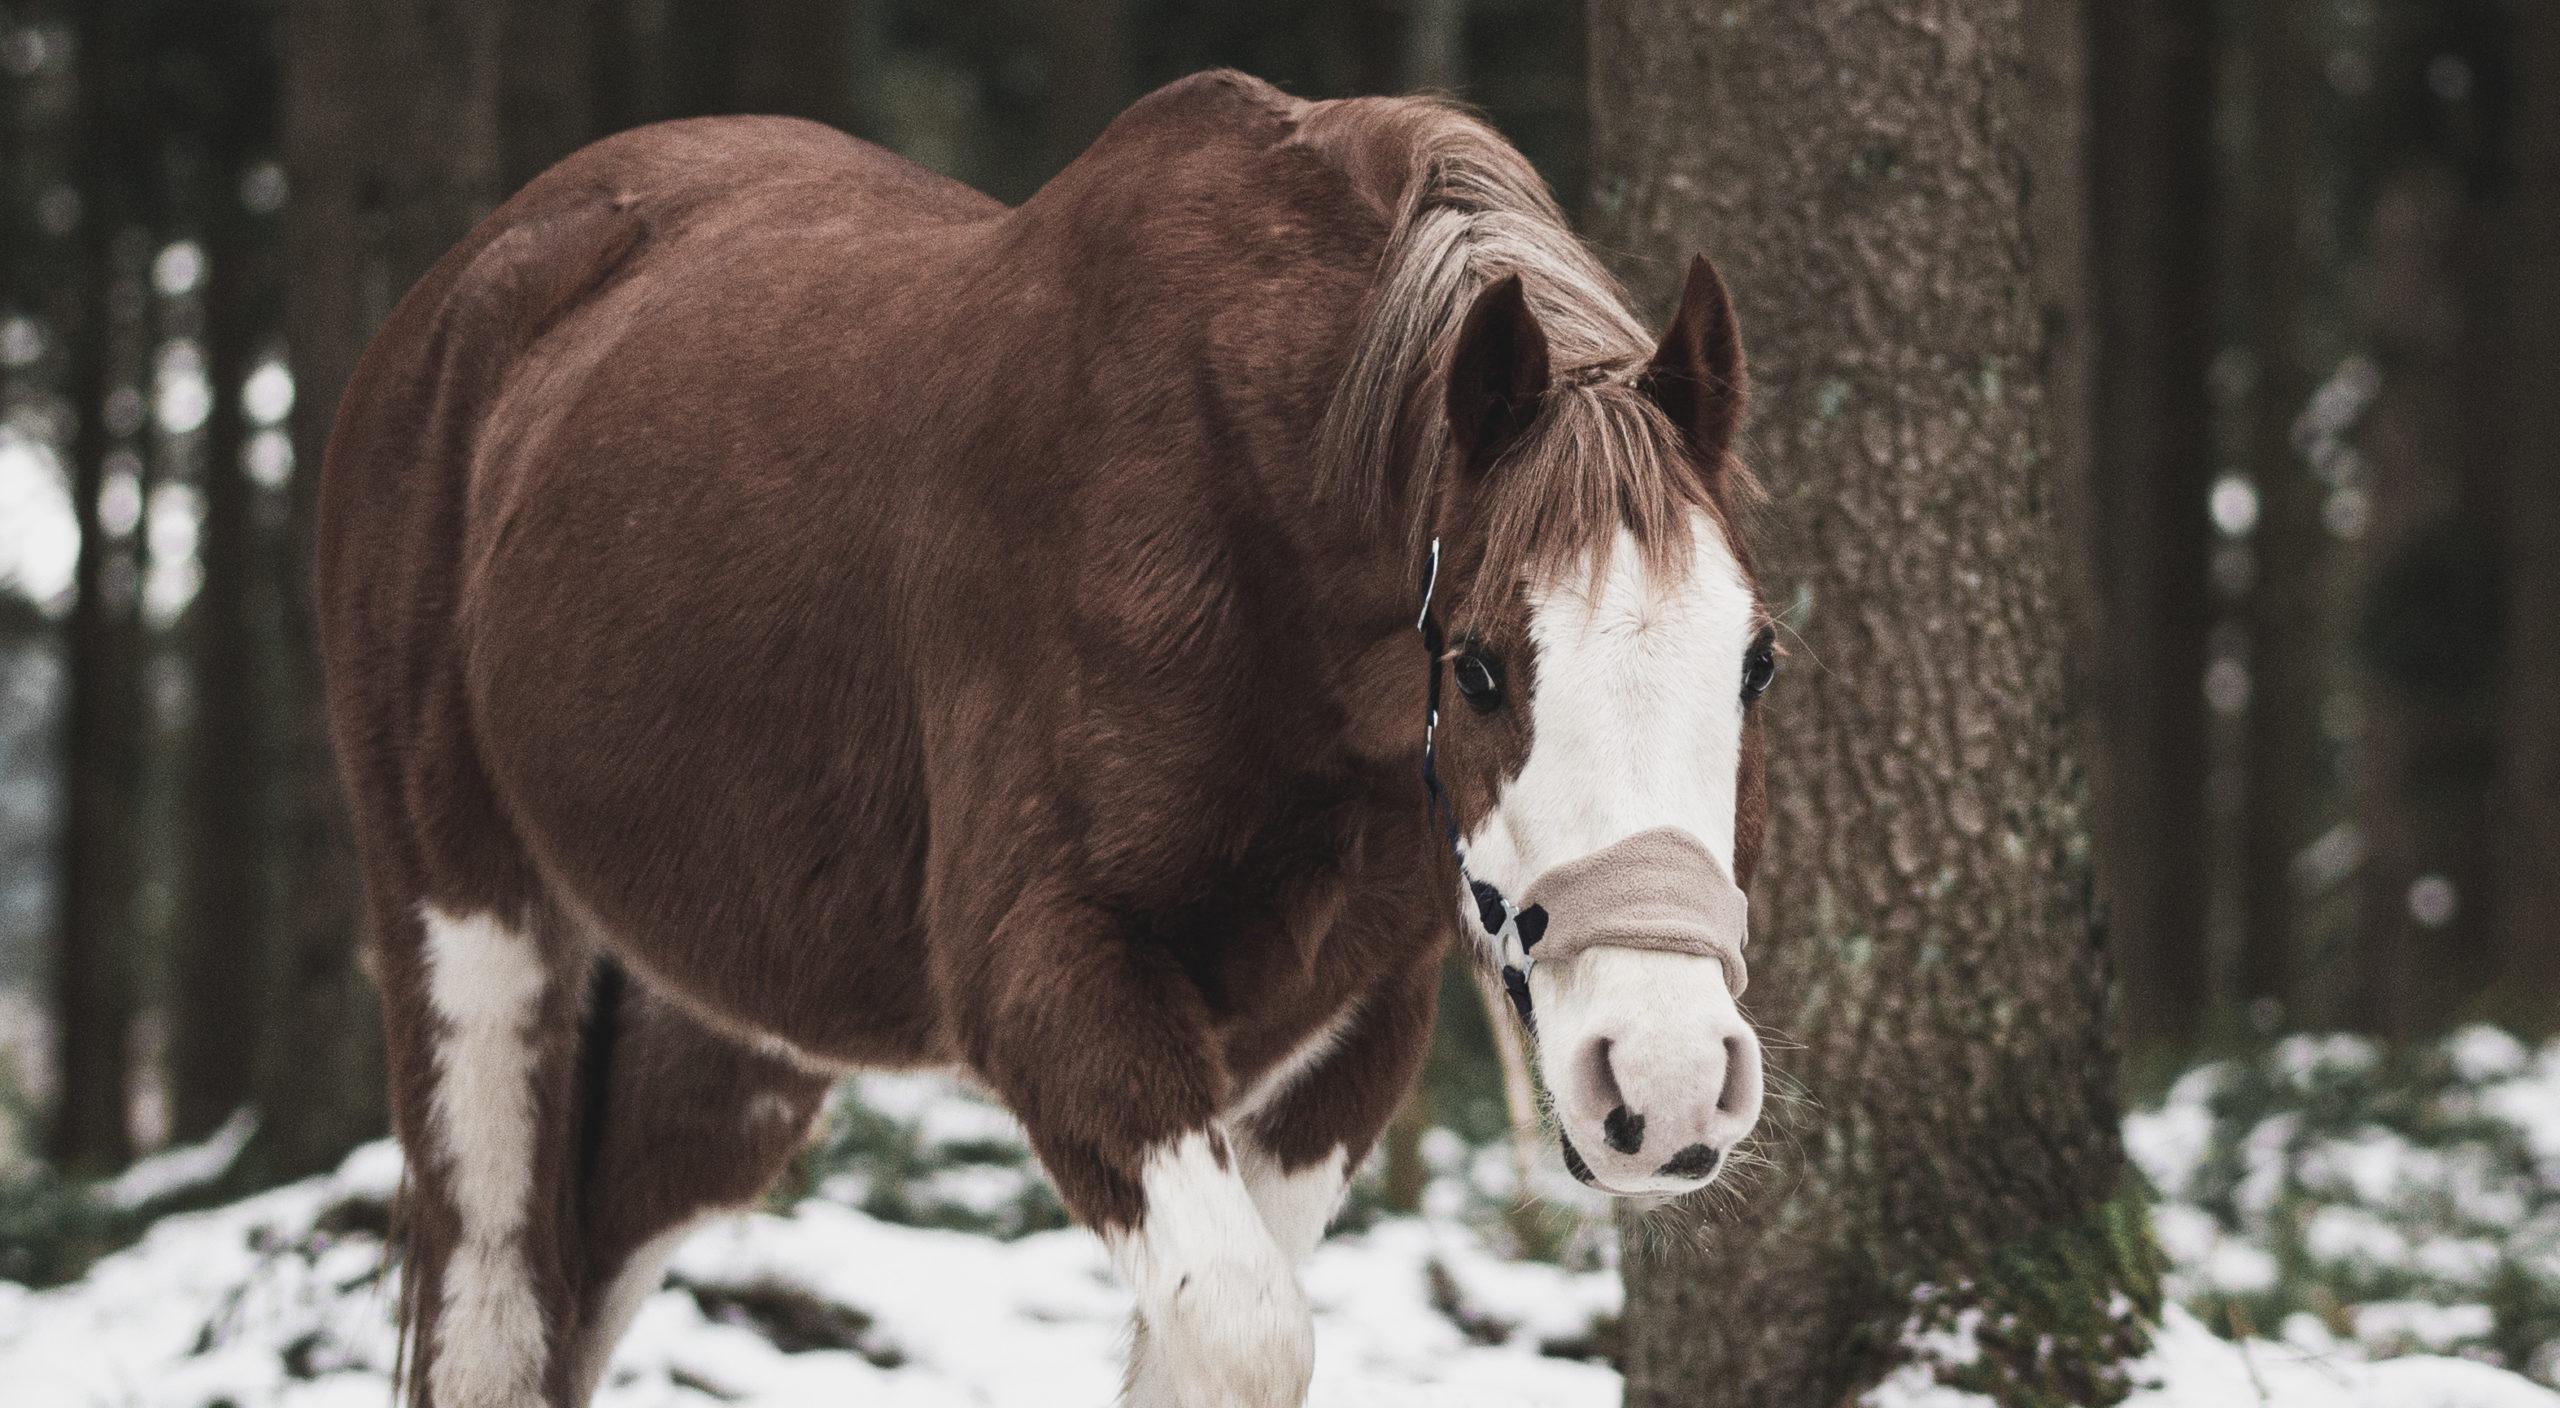 Pony - Tierfotografie 20:11